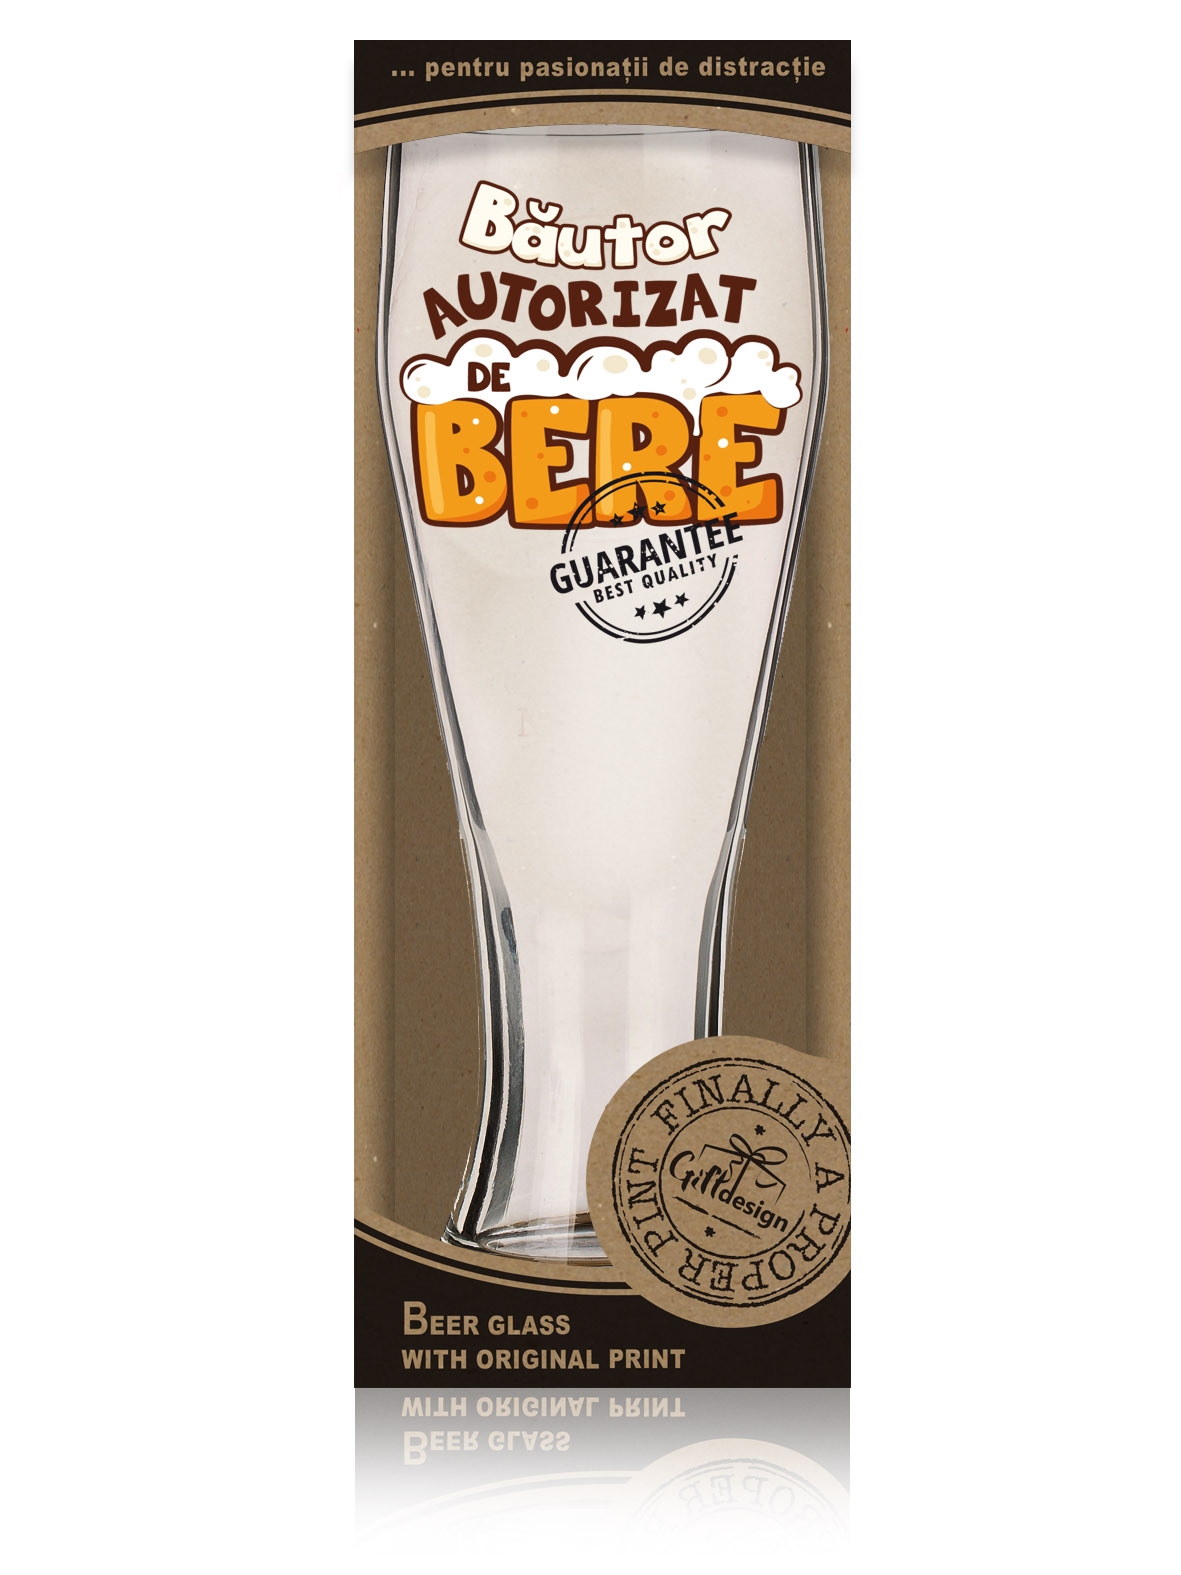 """Cutie pahar de bere """"Bautor autorizat de bere""""."""